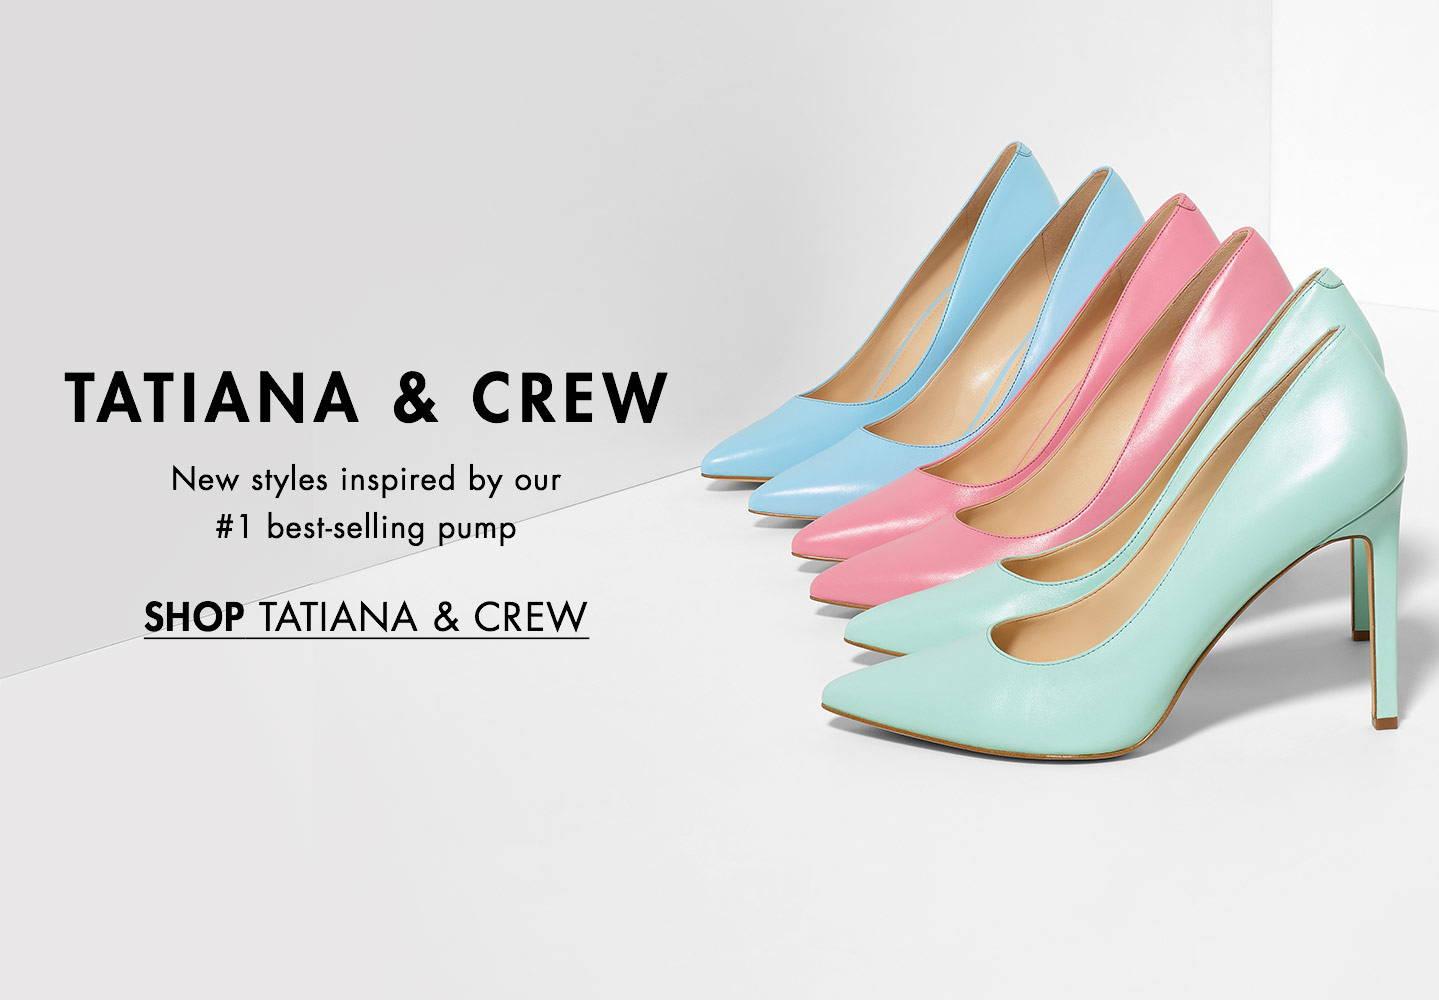 Tatiana & Crew